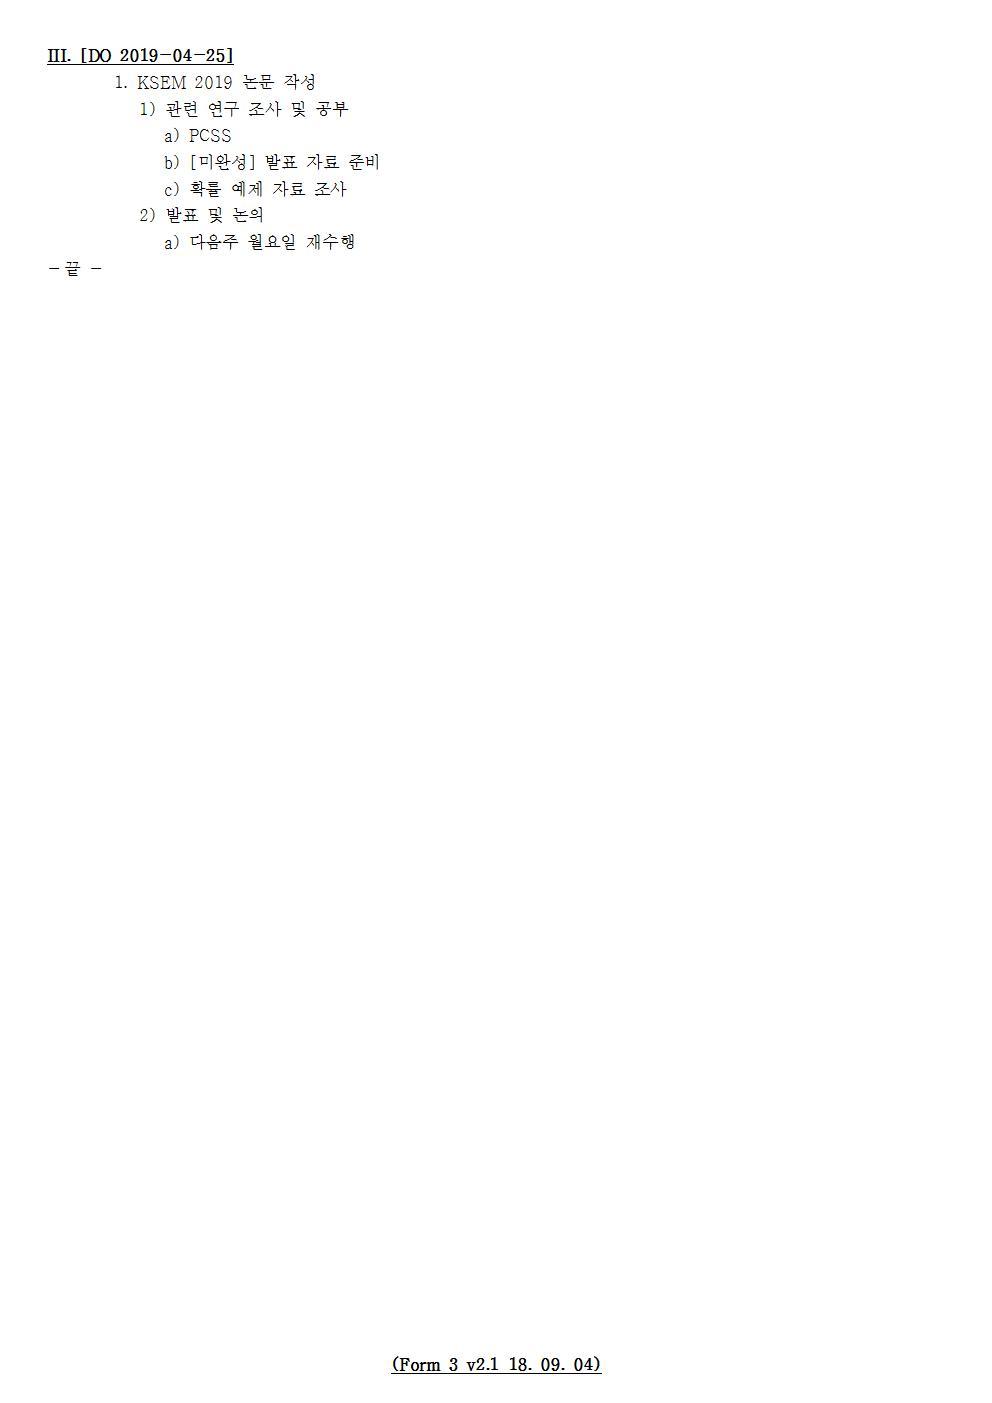 D-[19-028-PP-10]-[KSEM 2019]-[2019-04-25][JS]002.jpg